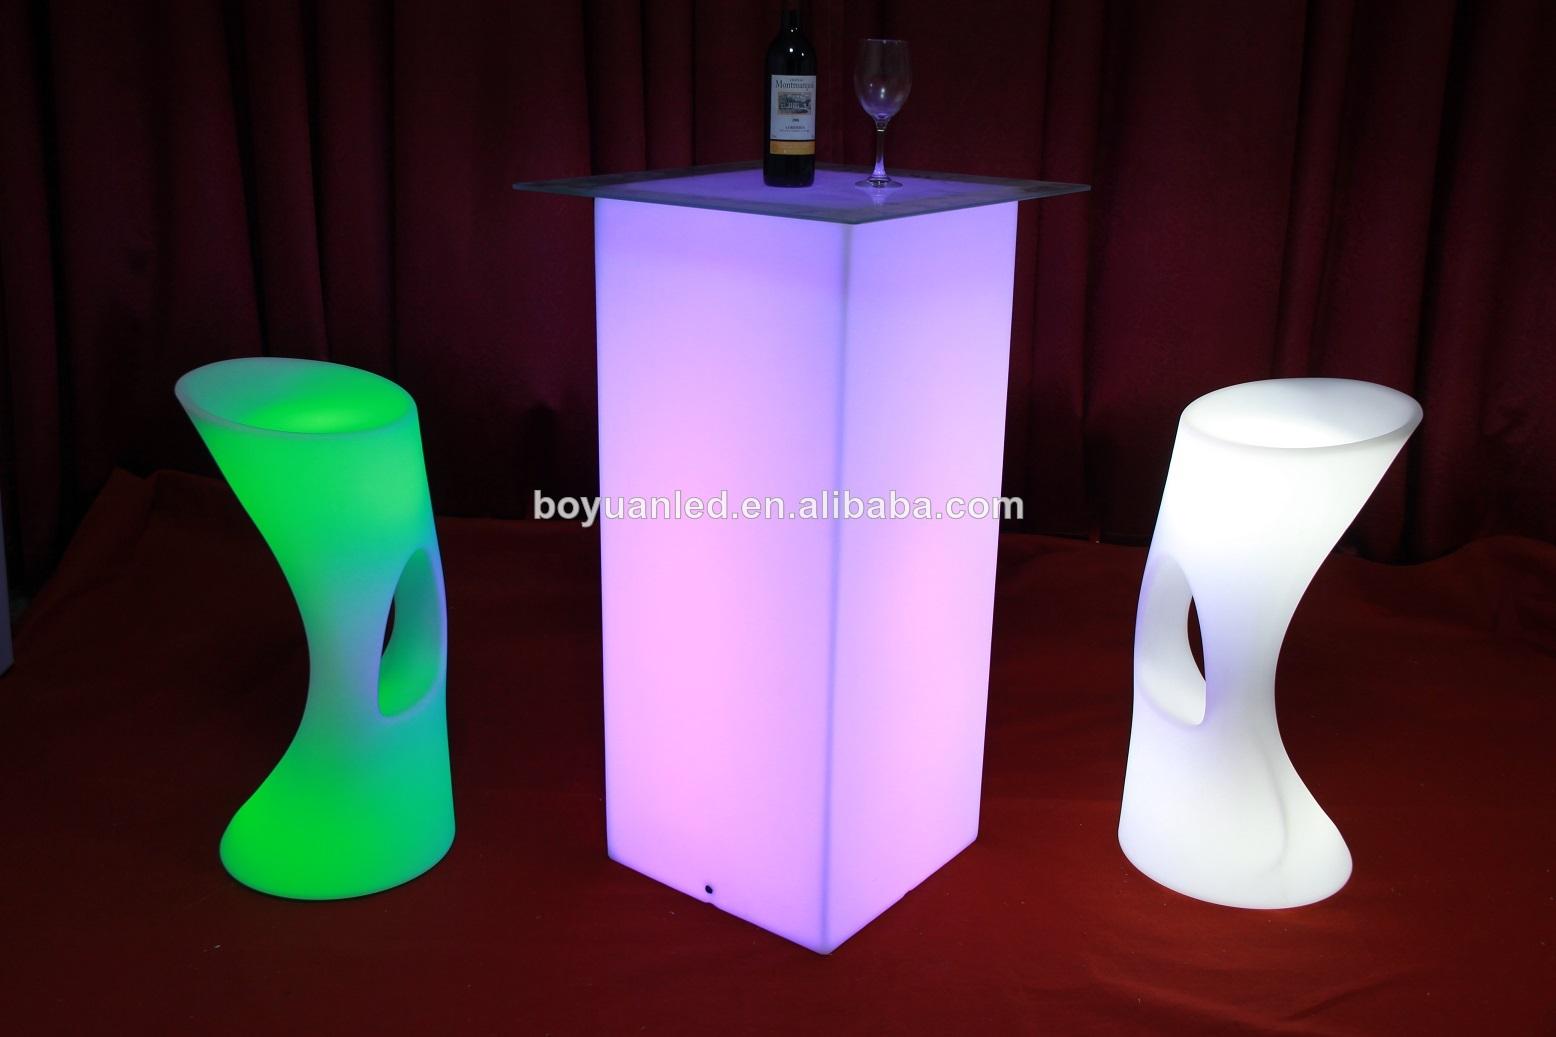 Camping en plastique tabouret de bar chaise haute led chaise tabouret de bar - Tabouret de bar en plastique ...